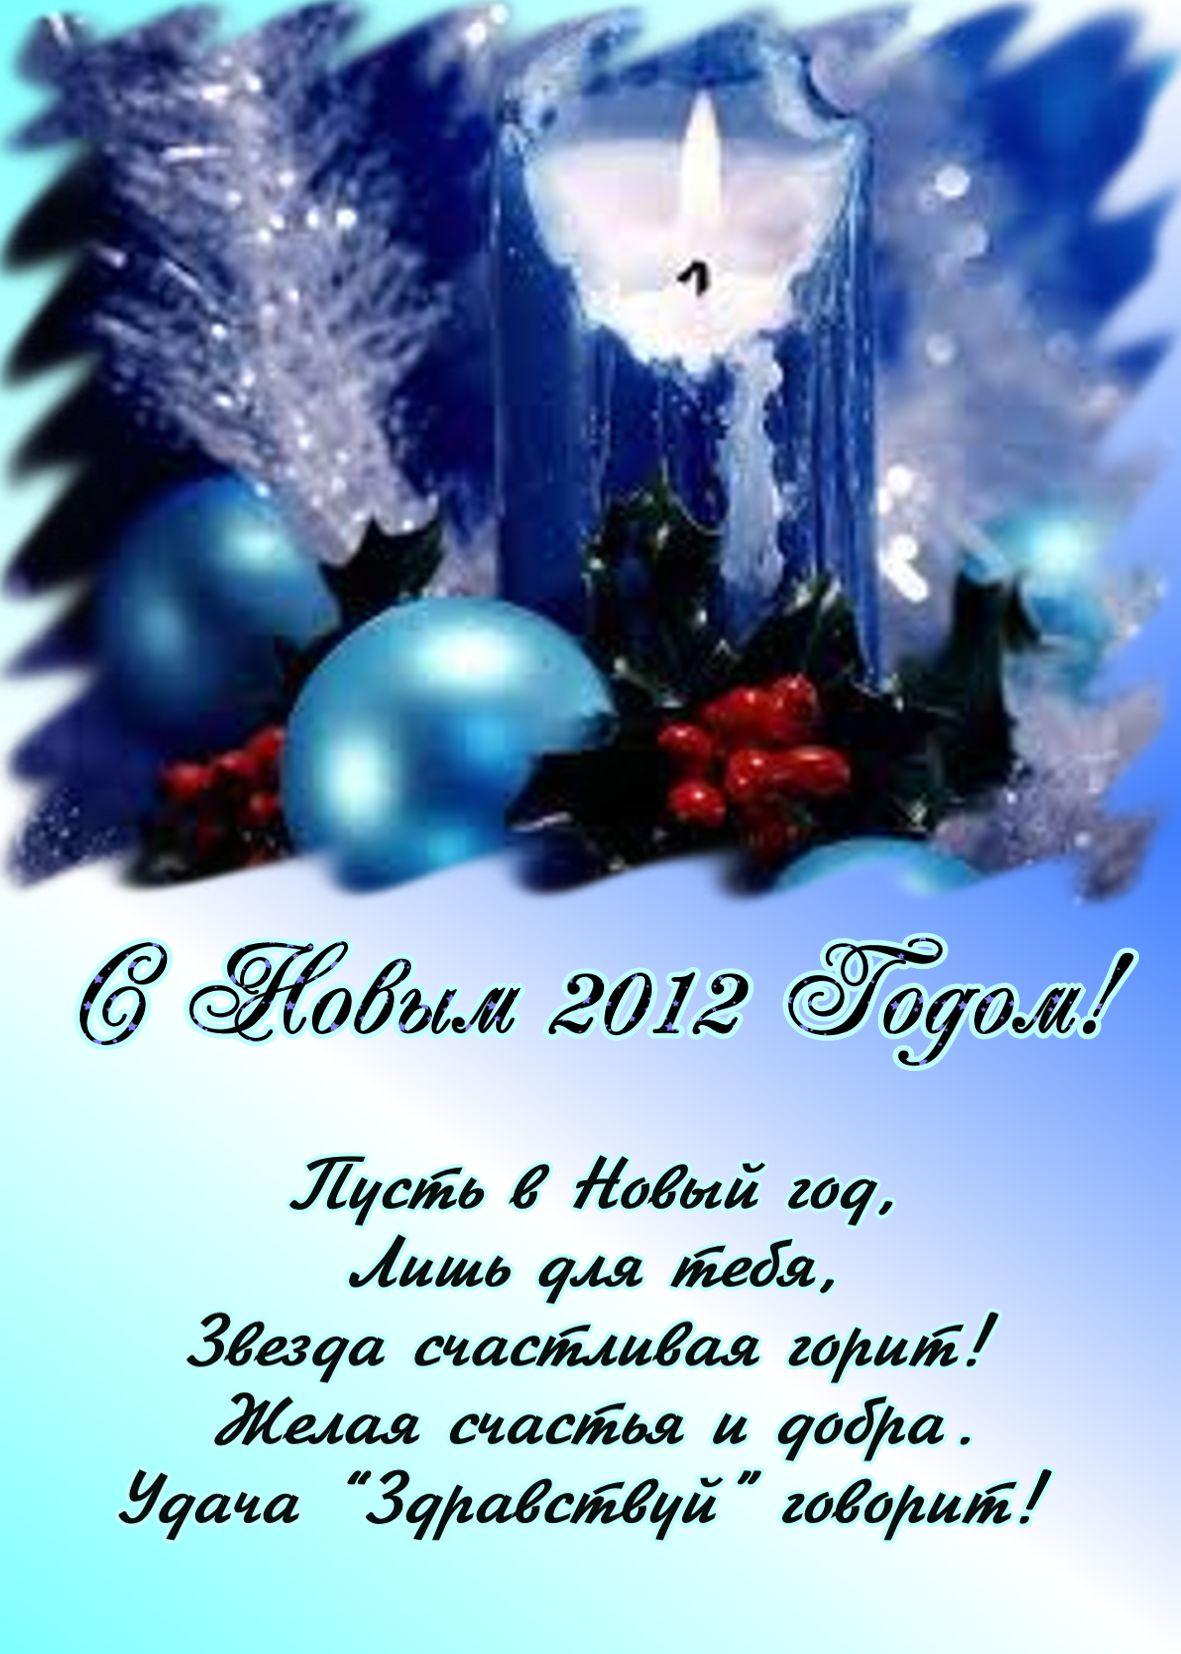 Новогодние открытки своими руками (46 фотографий)